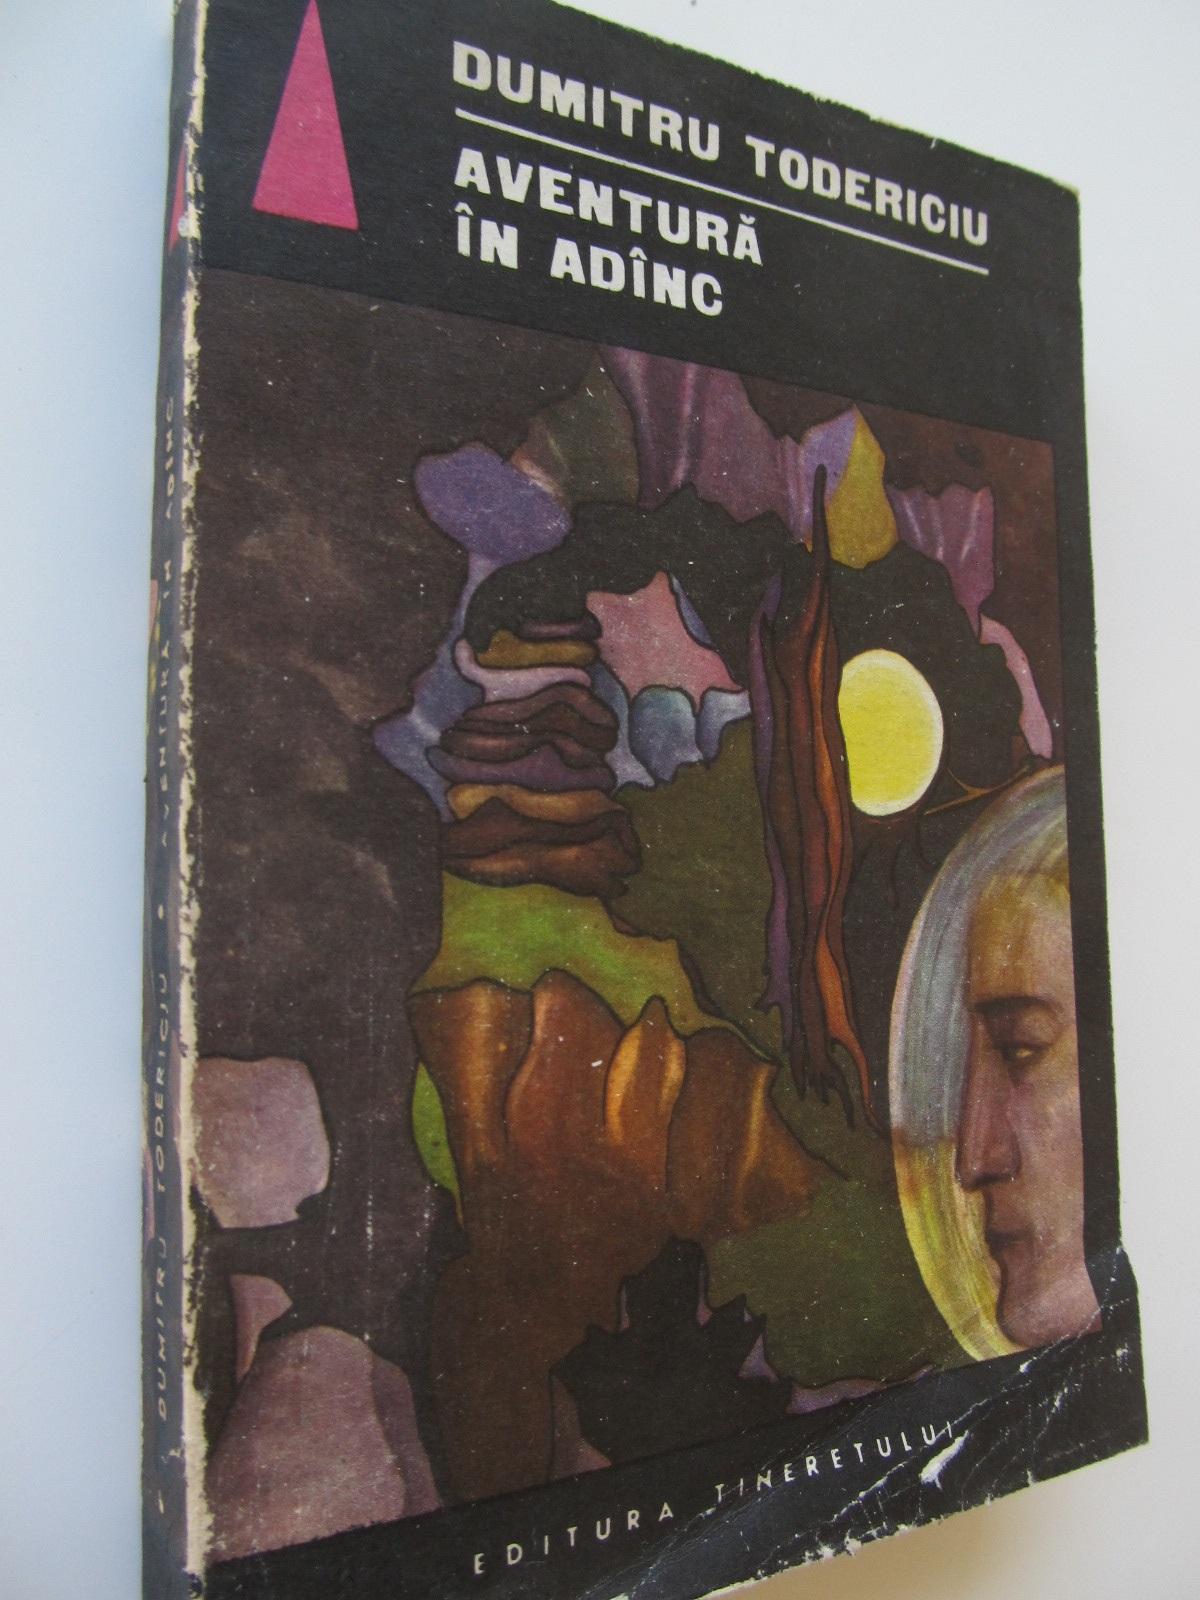 Aventura in adanc - Dumitru Todericiu   Detalii carte